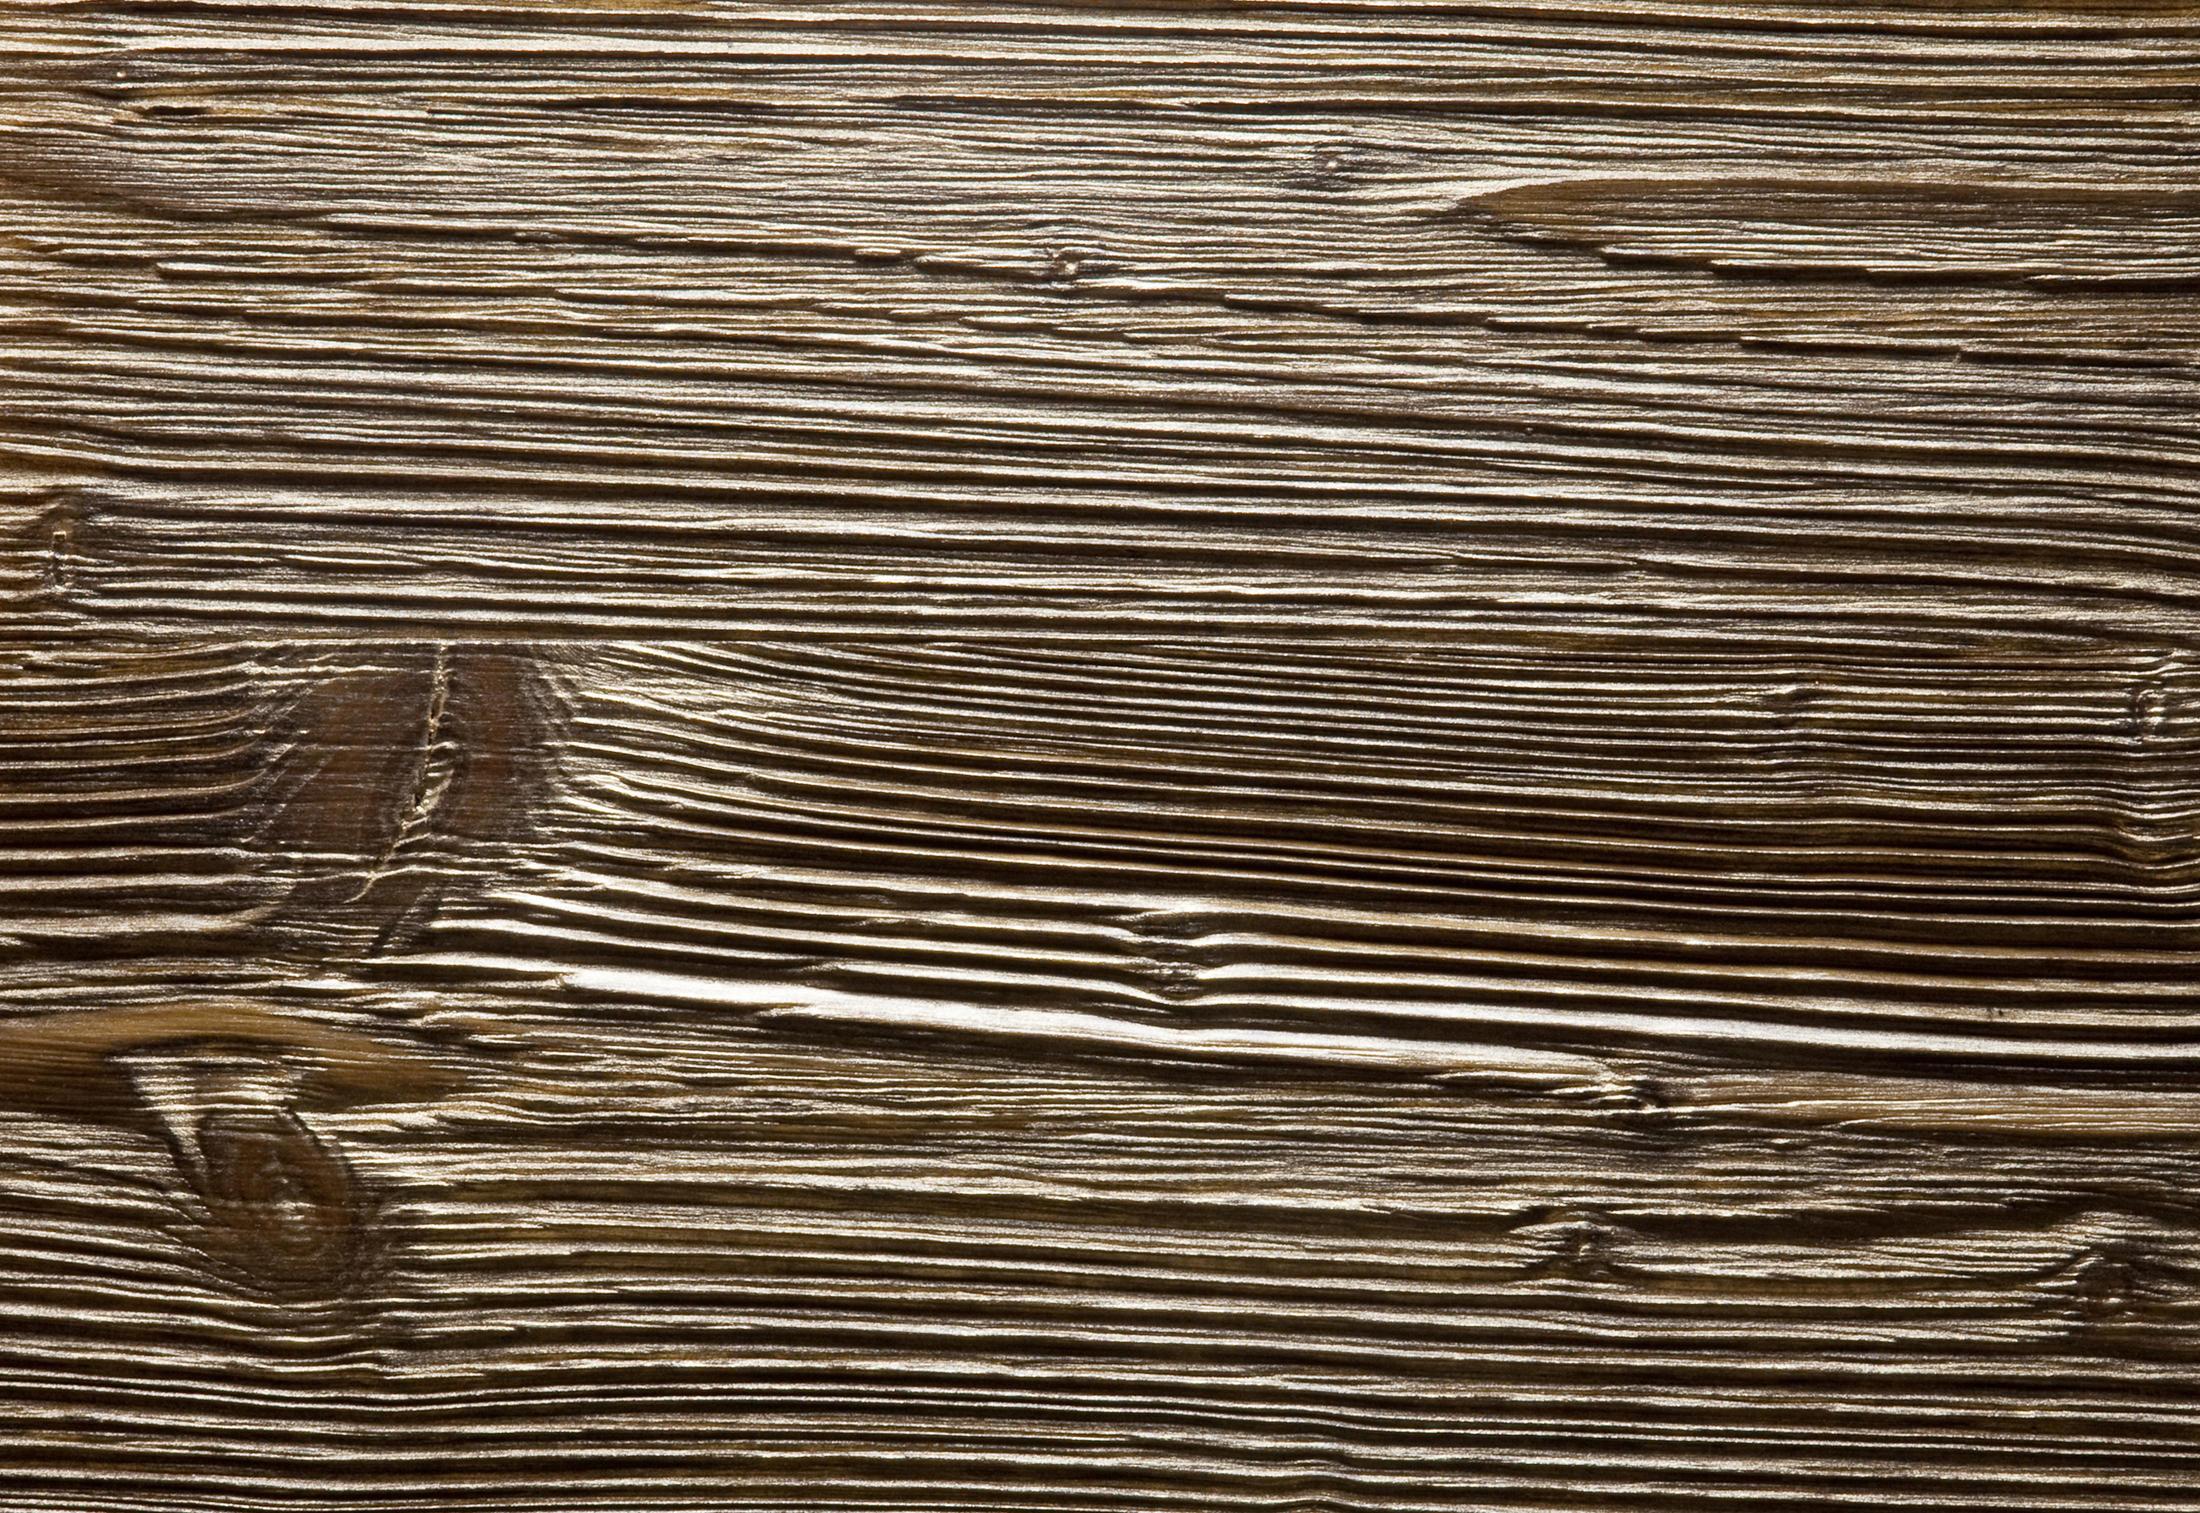 Можно ли брашировать мебельный щит?